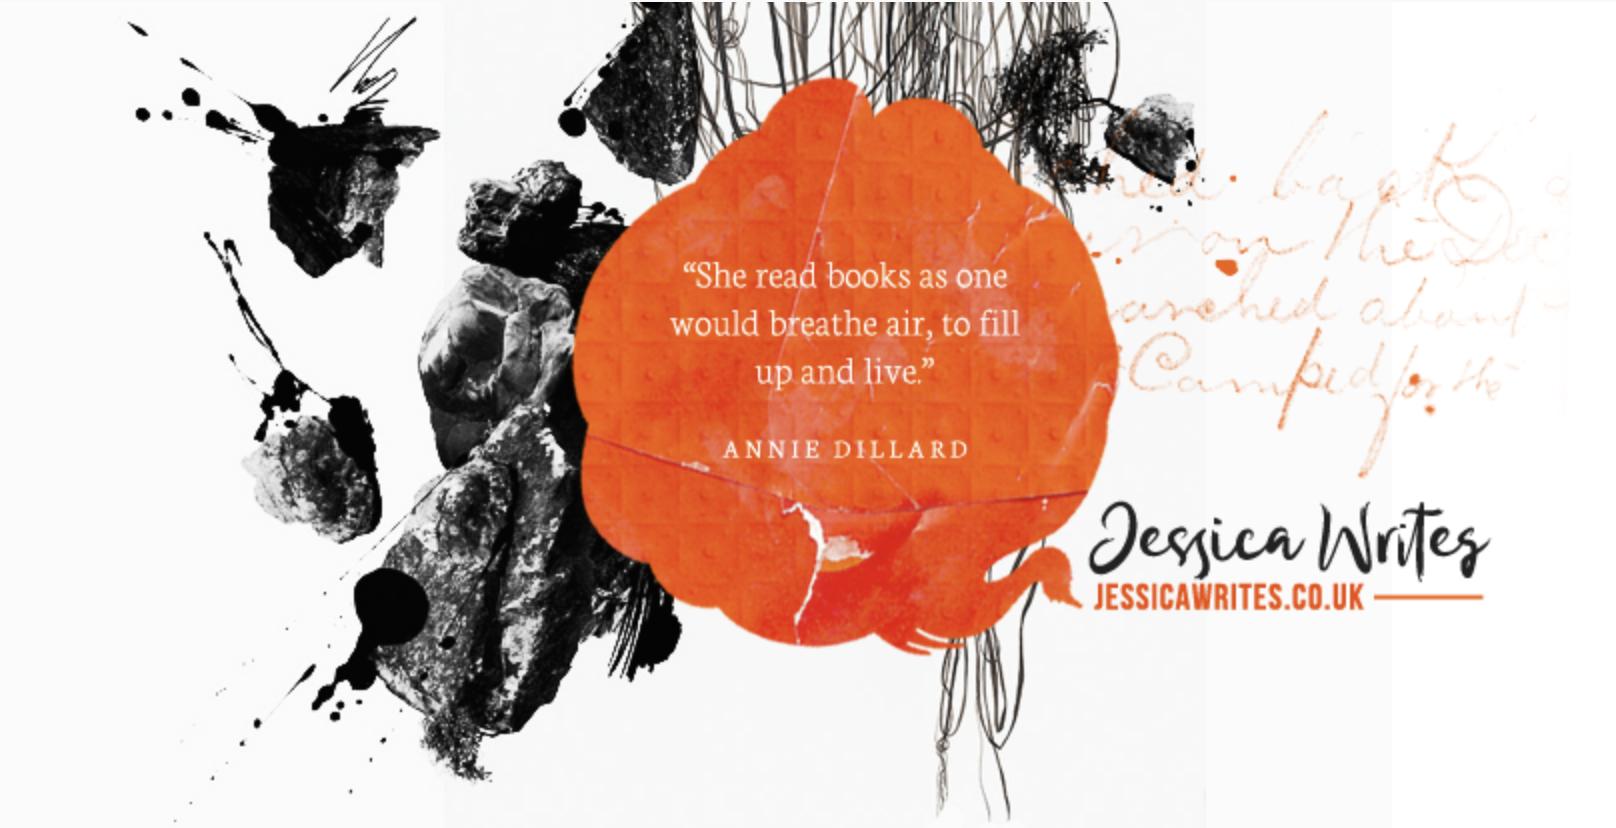 Jessica Writes